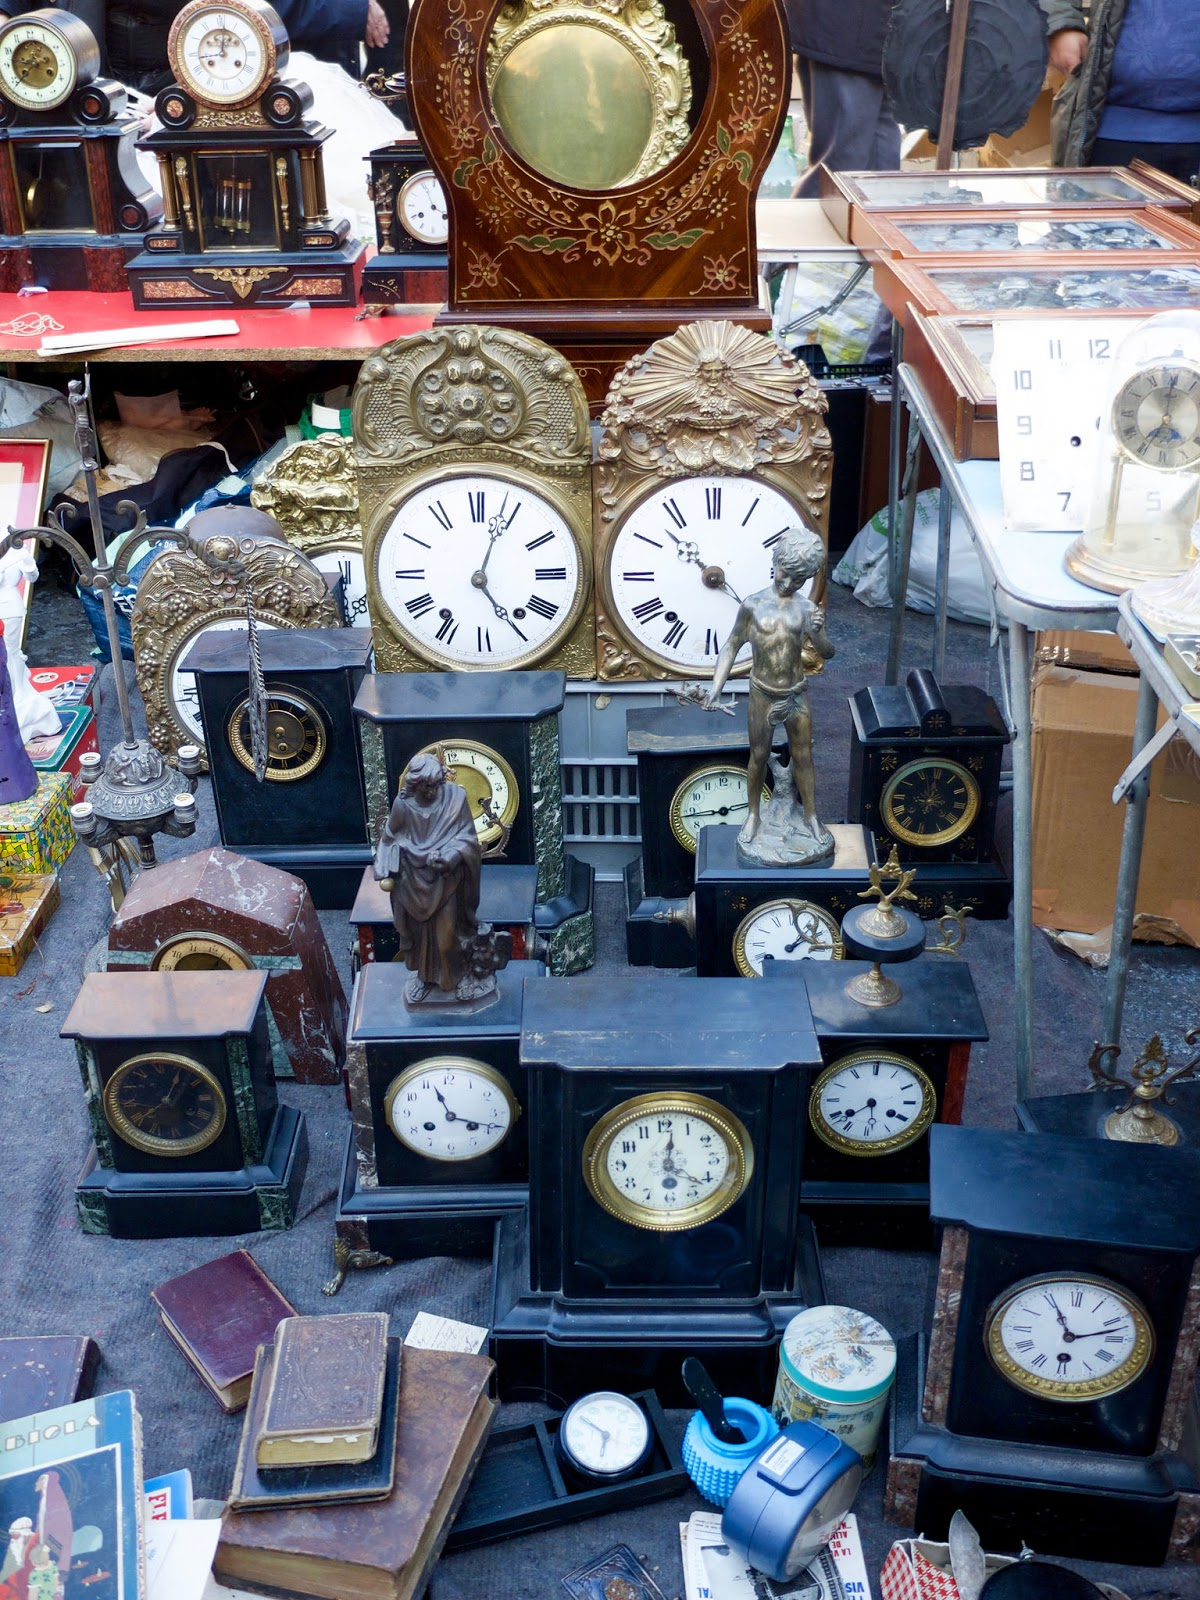 Relojes antiguos en el Rastro de Madrid, 2015